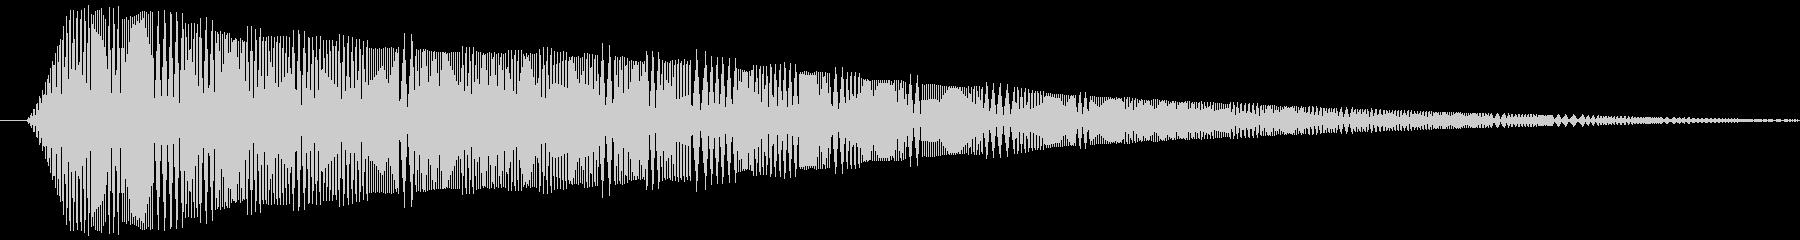 驚く、びっくりする ビヨォッ!の未再生の波形